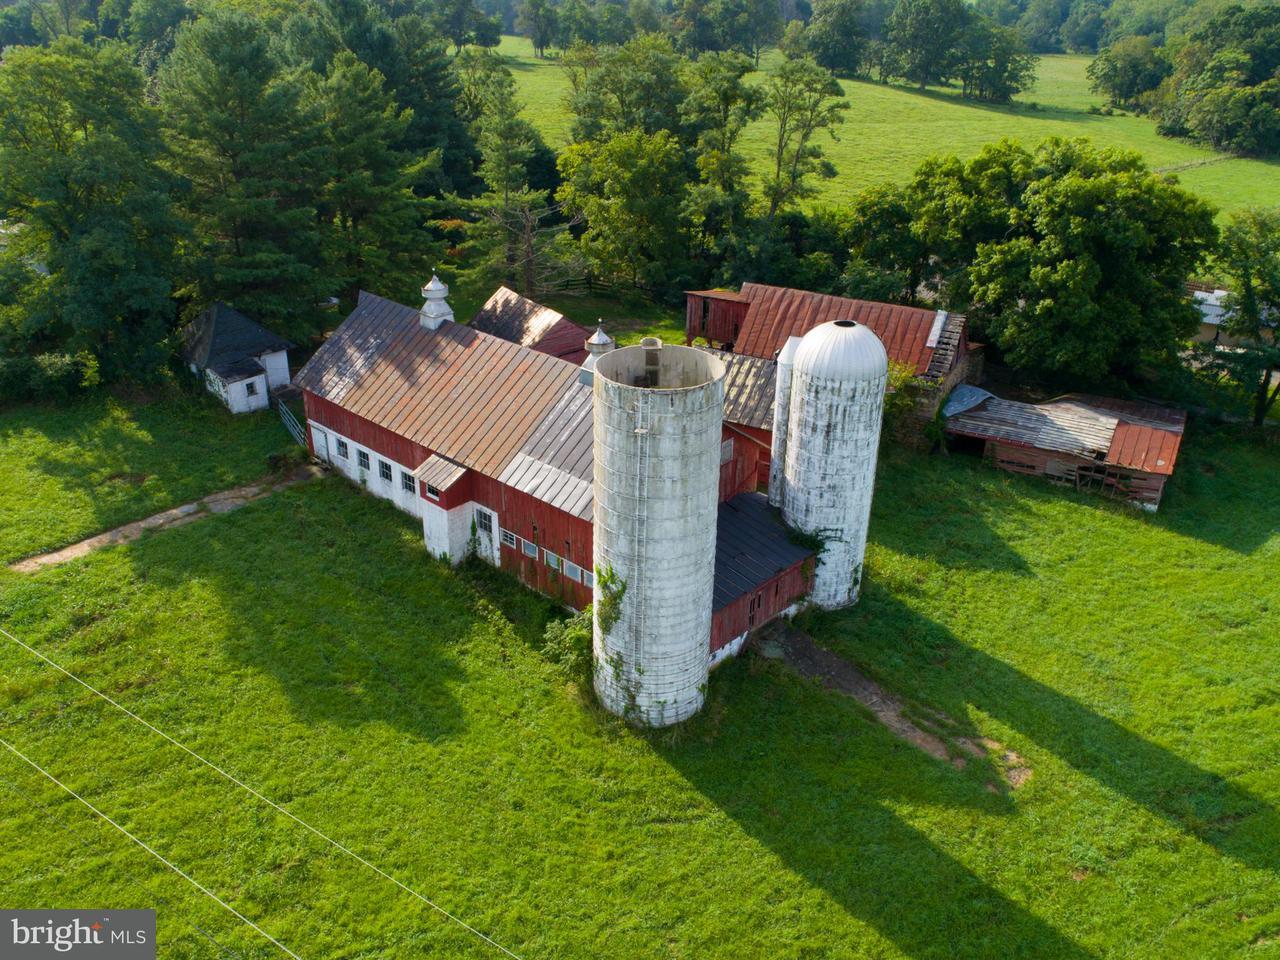 獨棟家庭住宅 為 出售 在 35516 PAXSON Road 35516 PAXSON Road Purcellville, 弗吉尼亞州 20132 美國